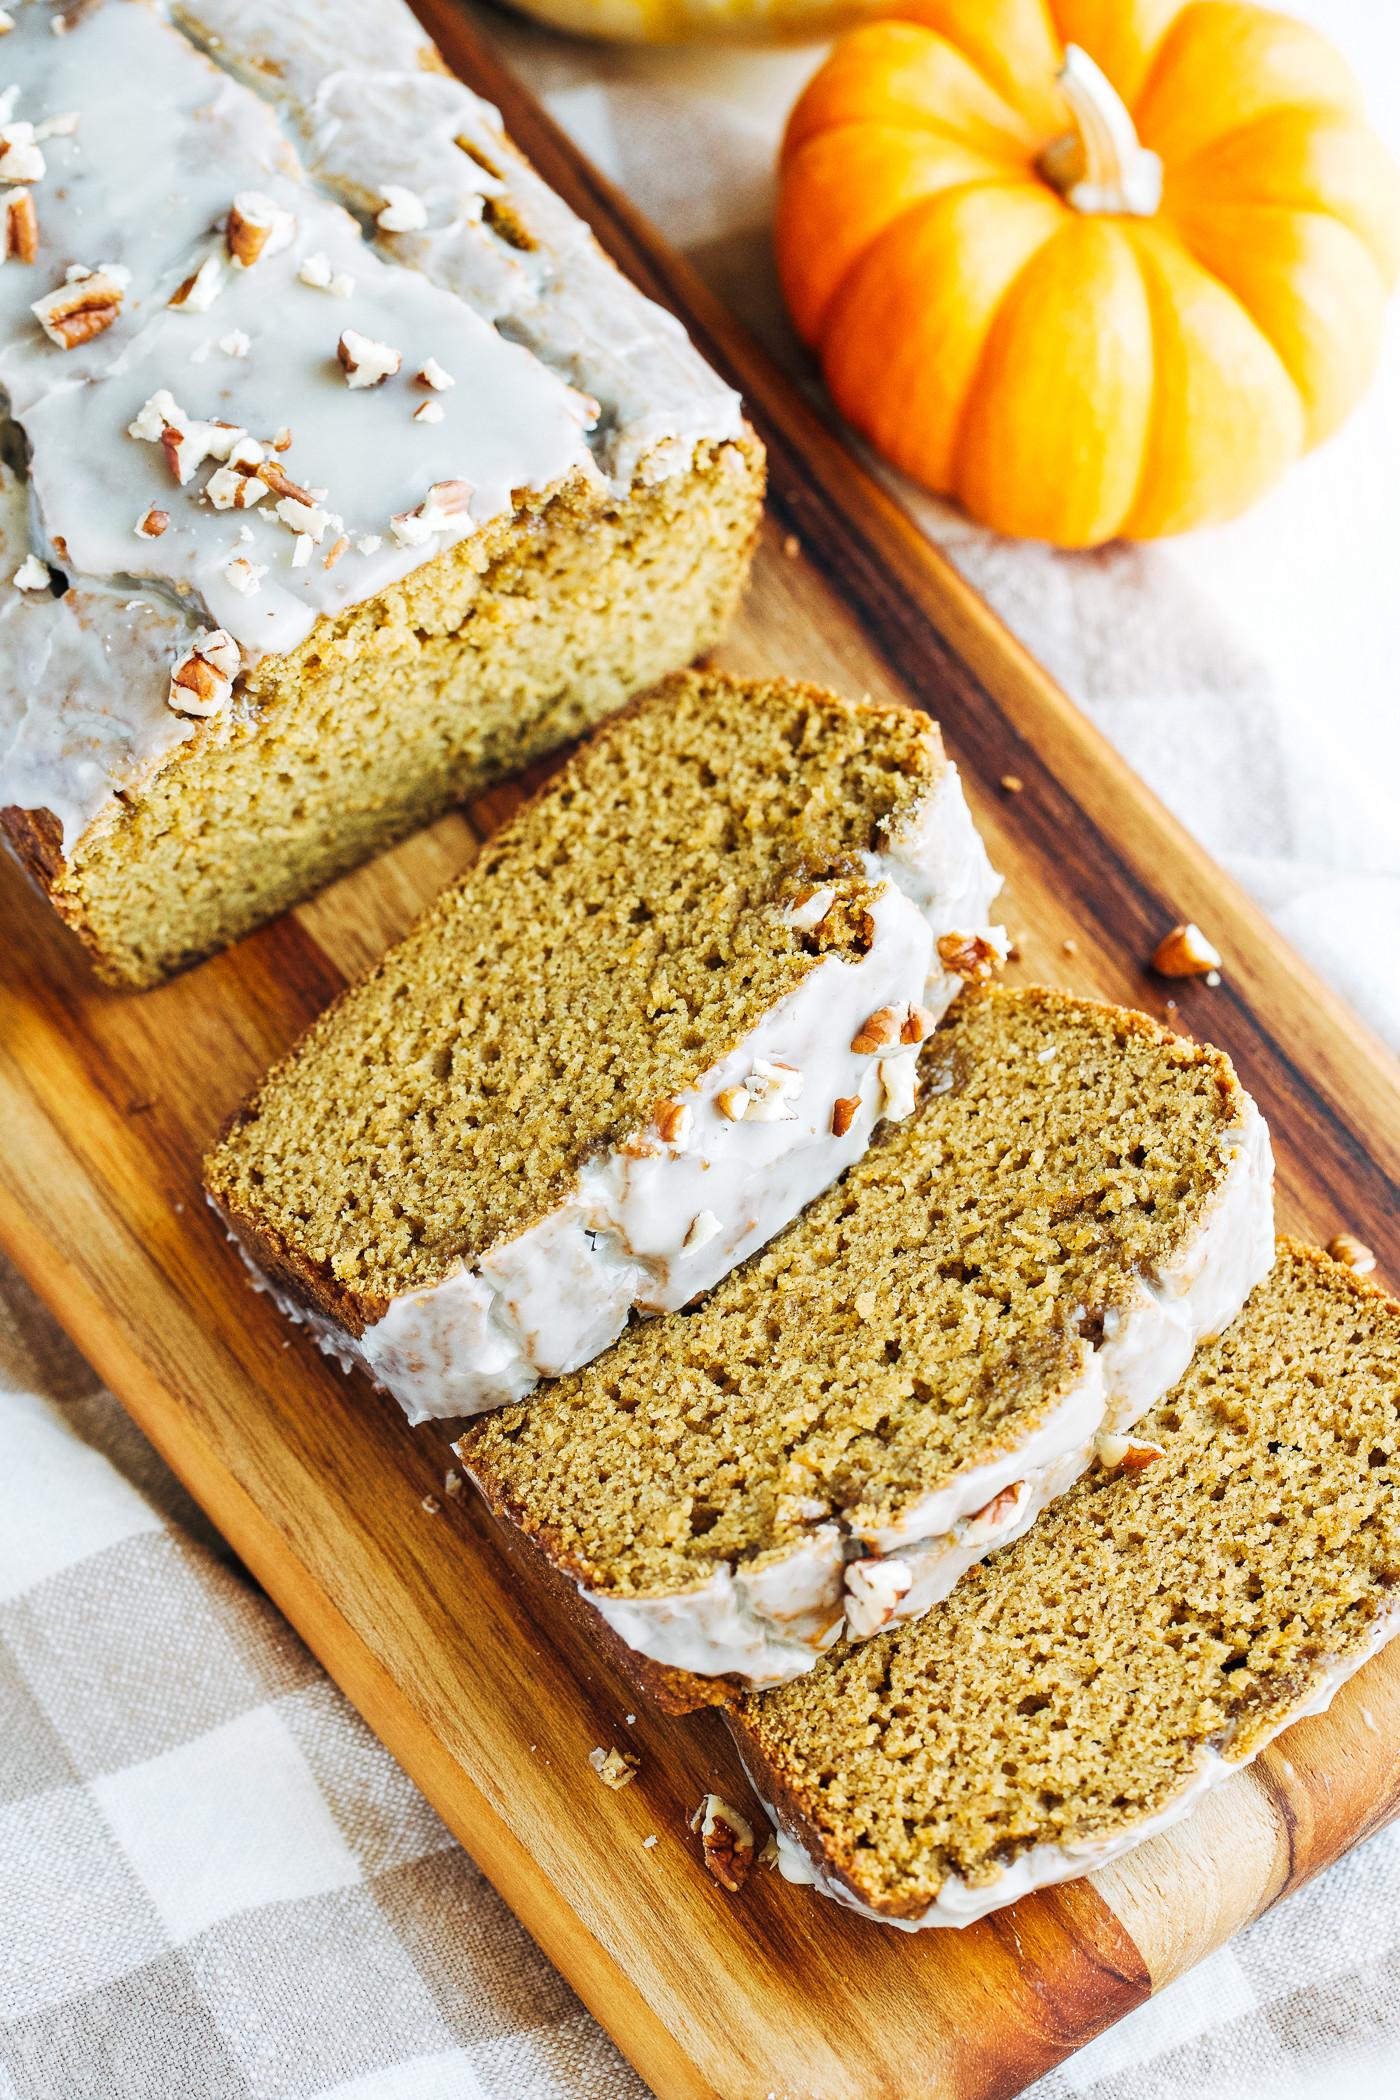 Healthy Pumpkin Bread Recipe No Sugar  Healthy Pumpkin Bread Gluten free & Dairy free Making